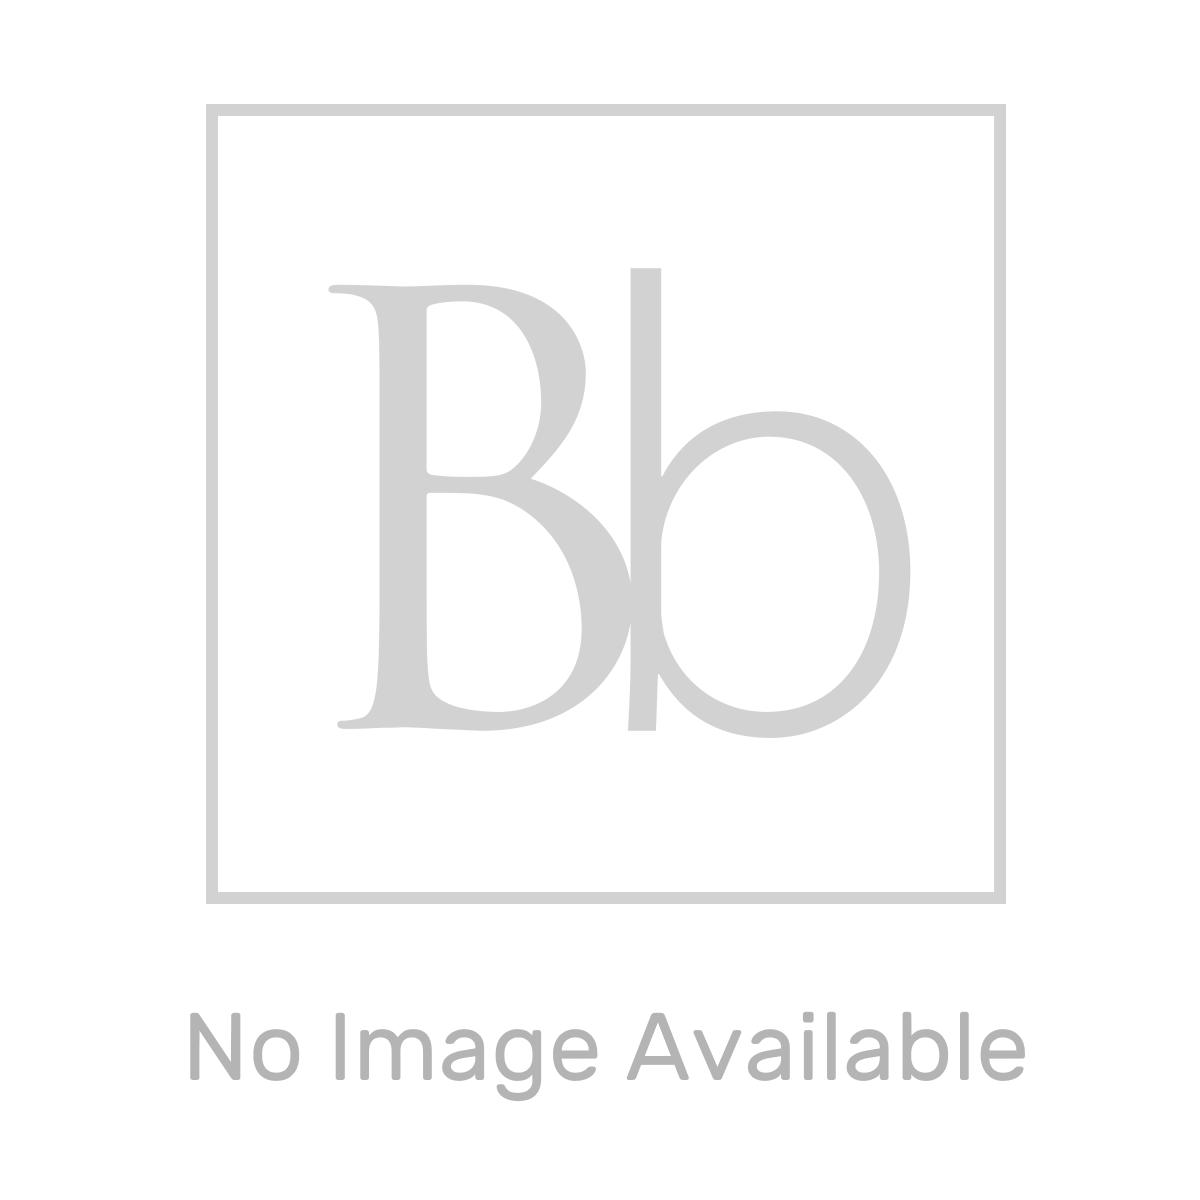 RAK Joy Wall Hung Standard Mirror 600 x 680mm